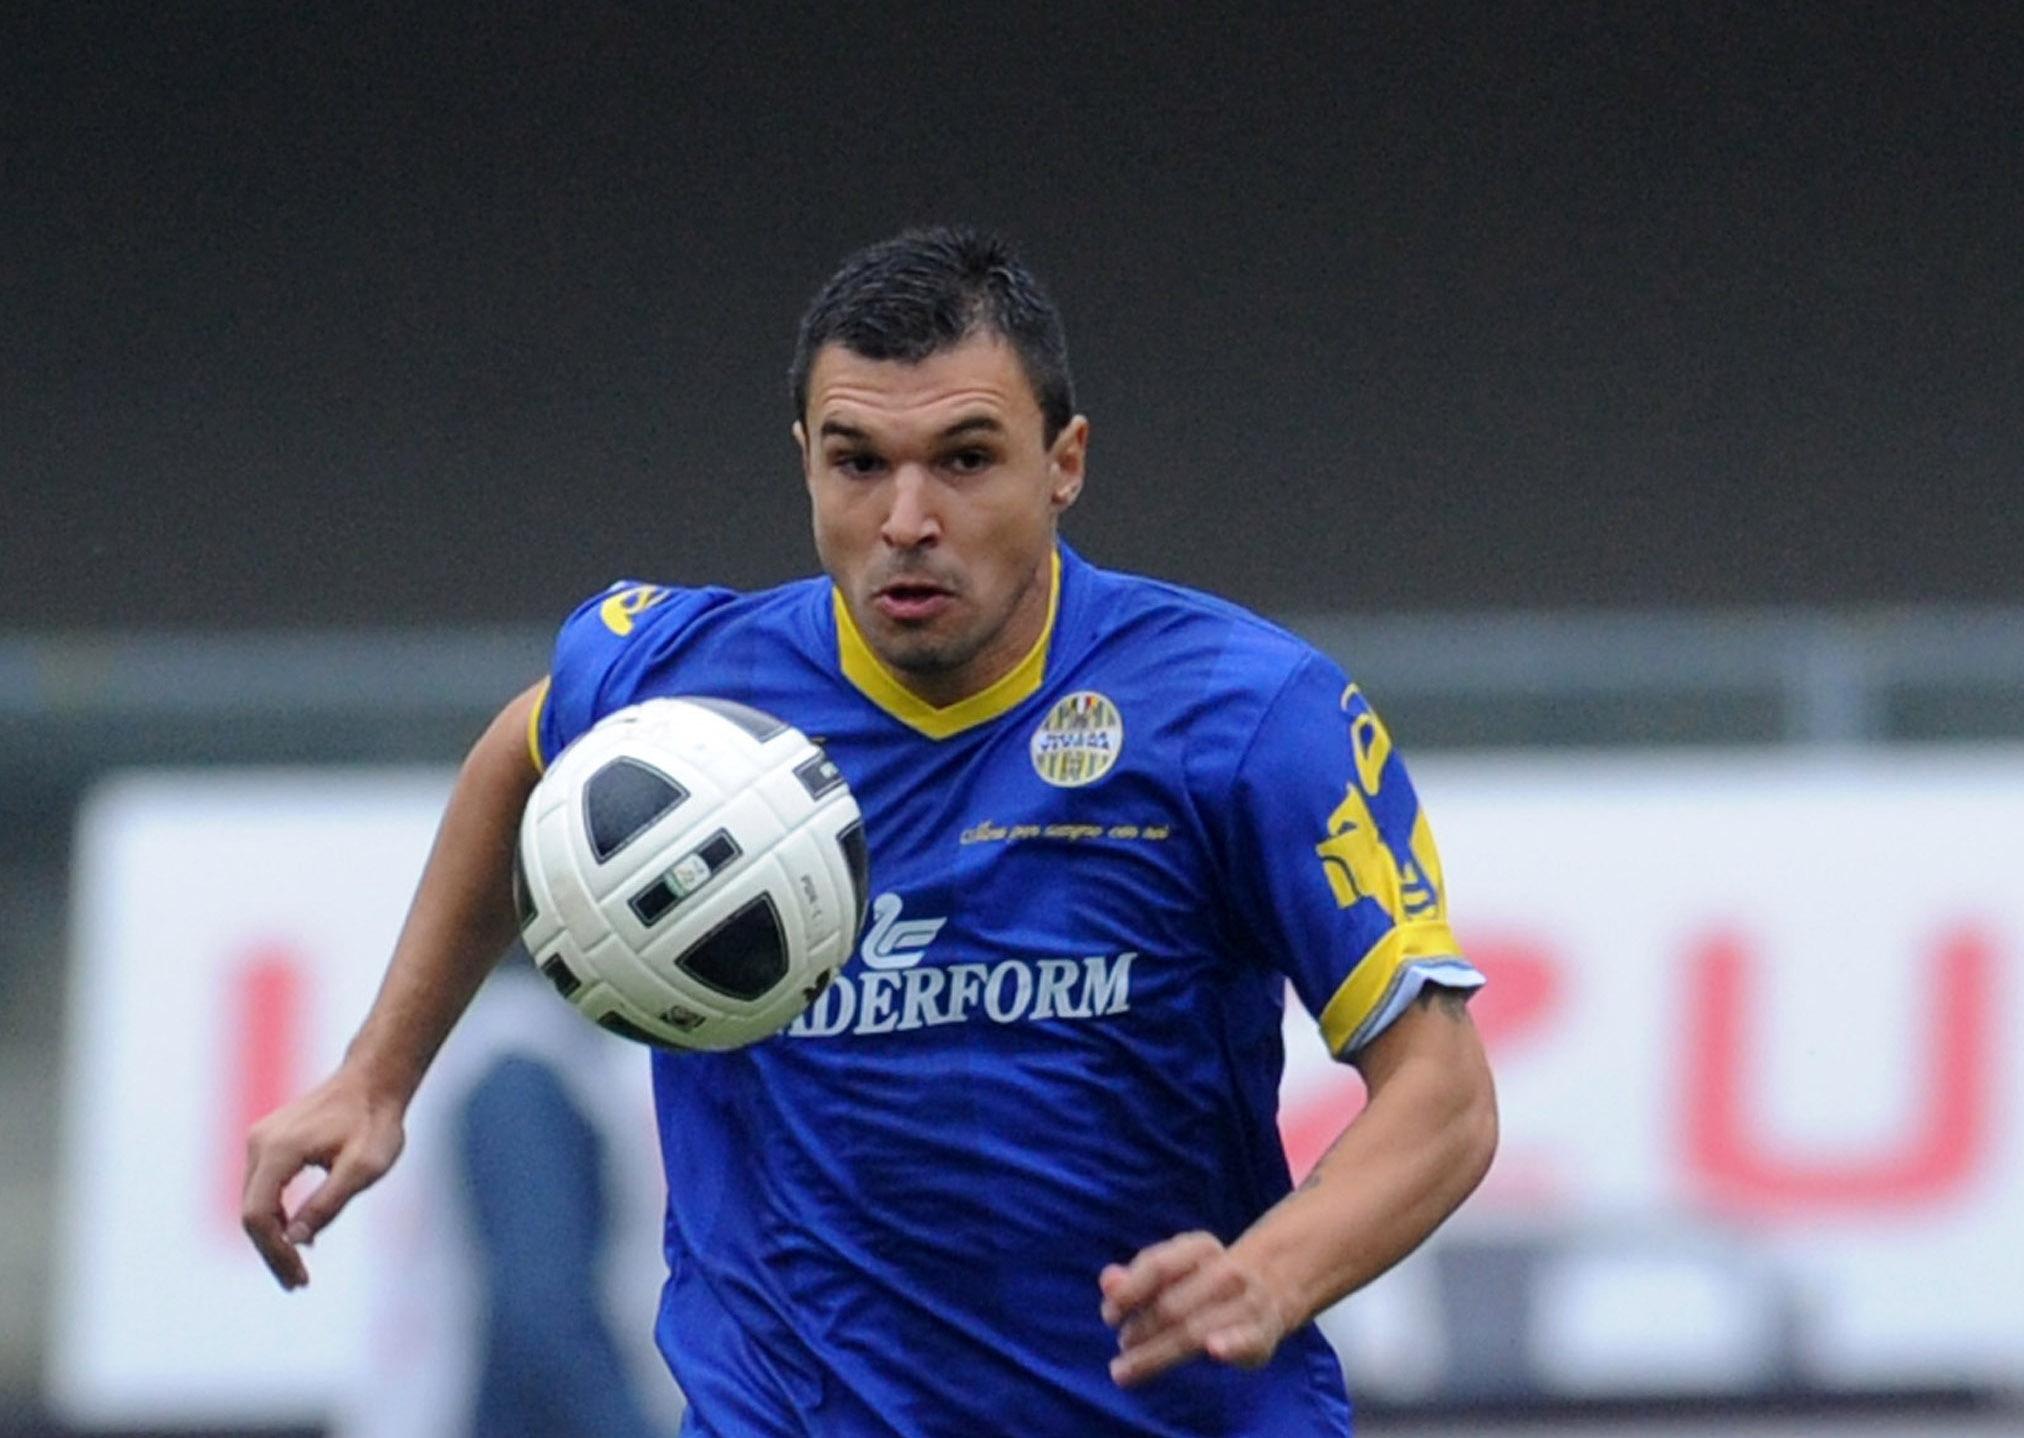 Свободният агент Валери Божинов е бил предложен на гръцкия Паниониос,